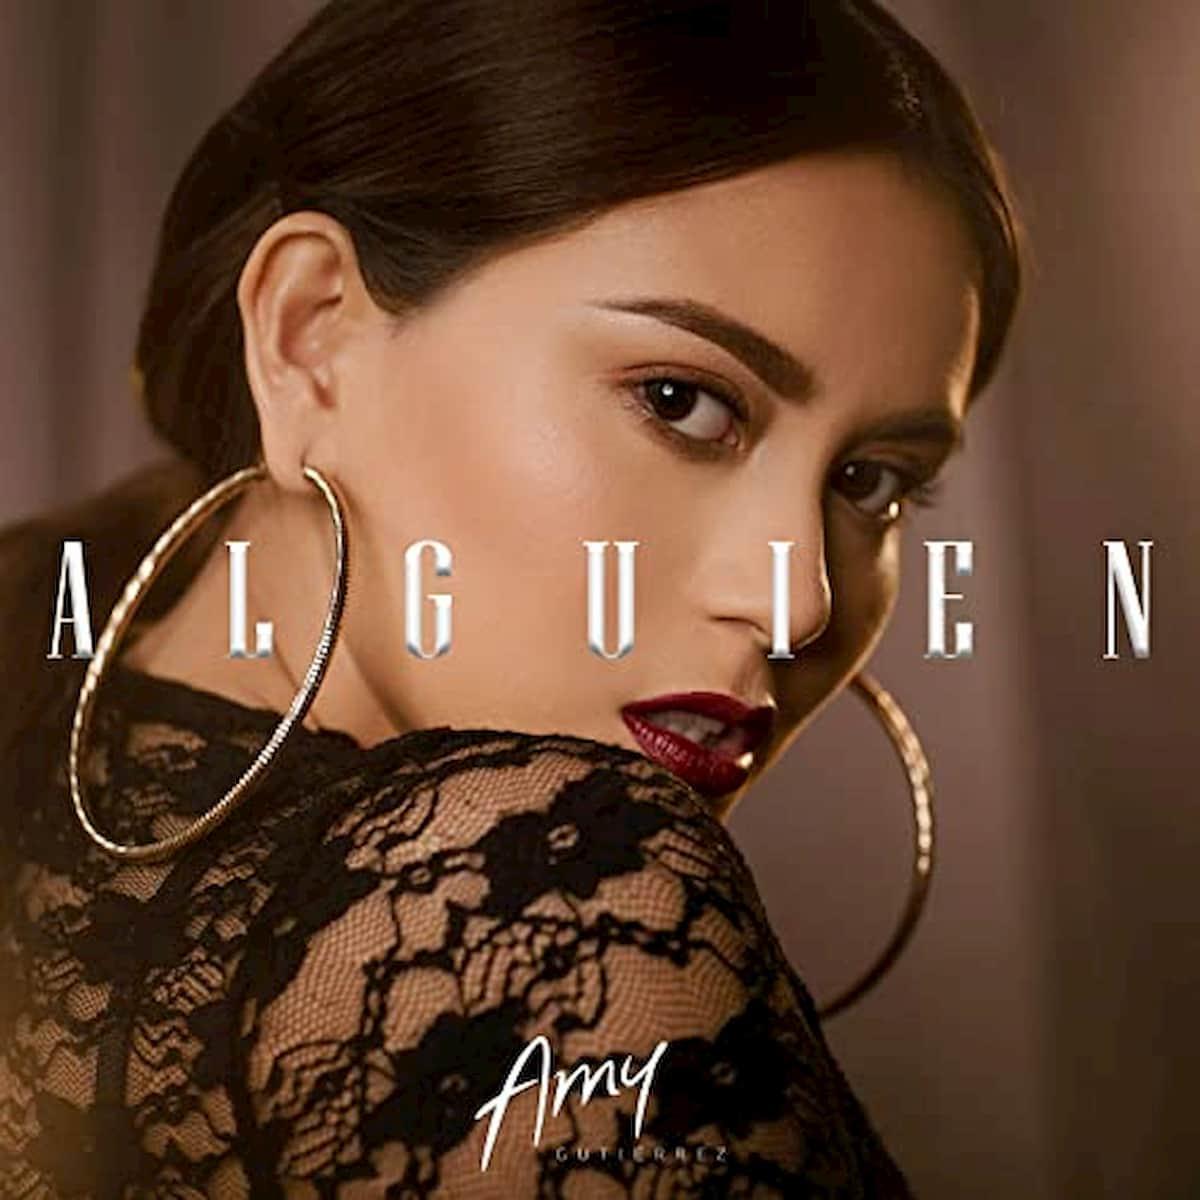 Amy Gutierrez veröffentlicht Salsa-Version ihres Hits Alguien